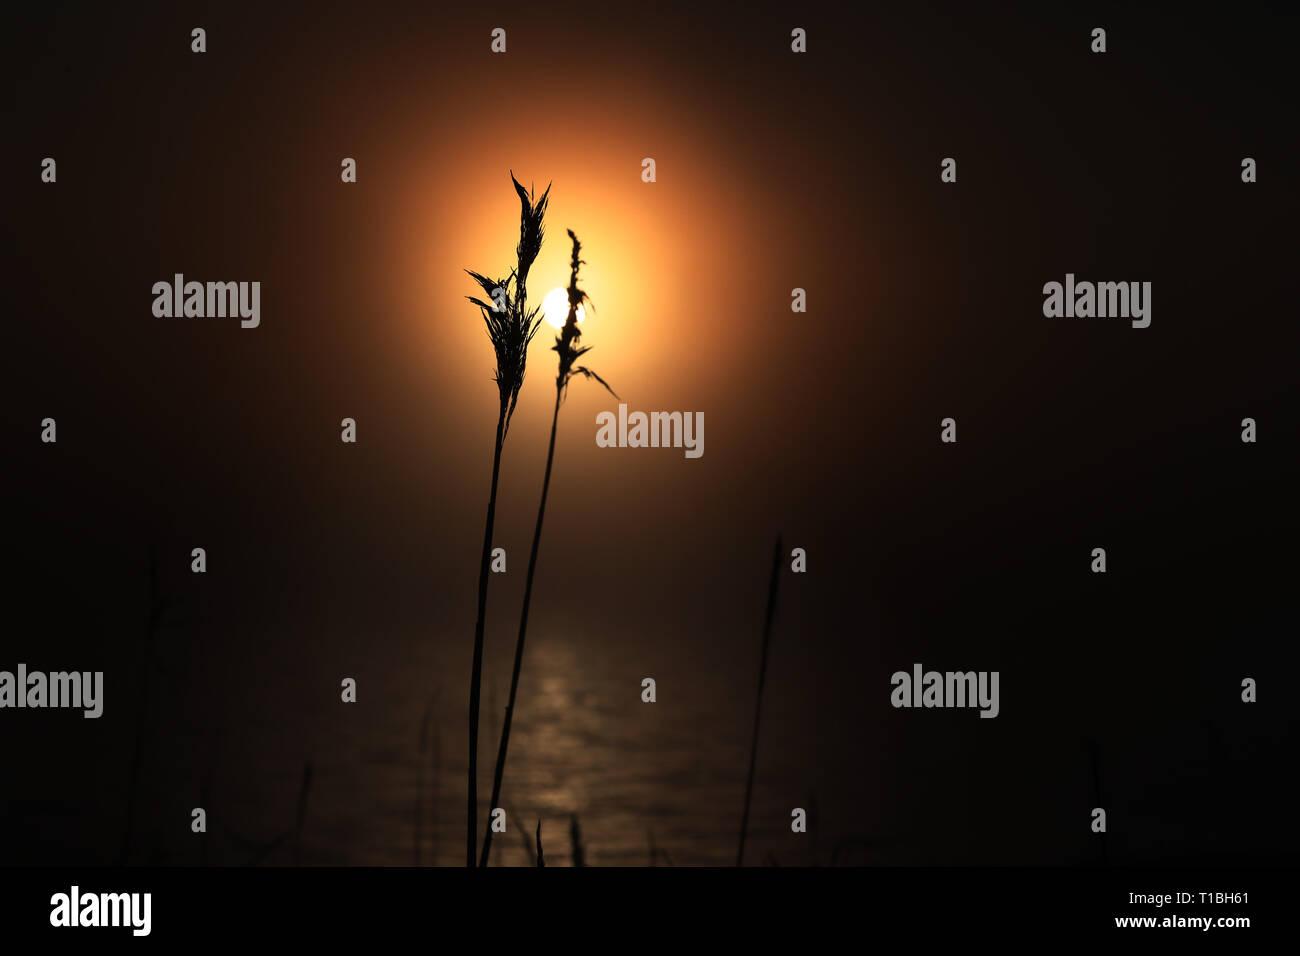 MOTALA 20180121 Vass i ljuset av solen. Foto Jeppe Gustafsson - Stock Image